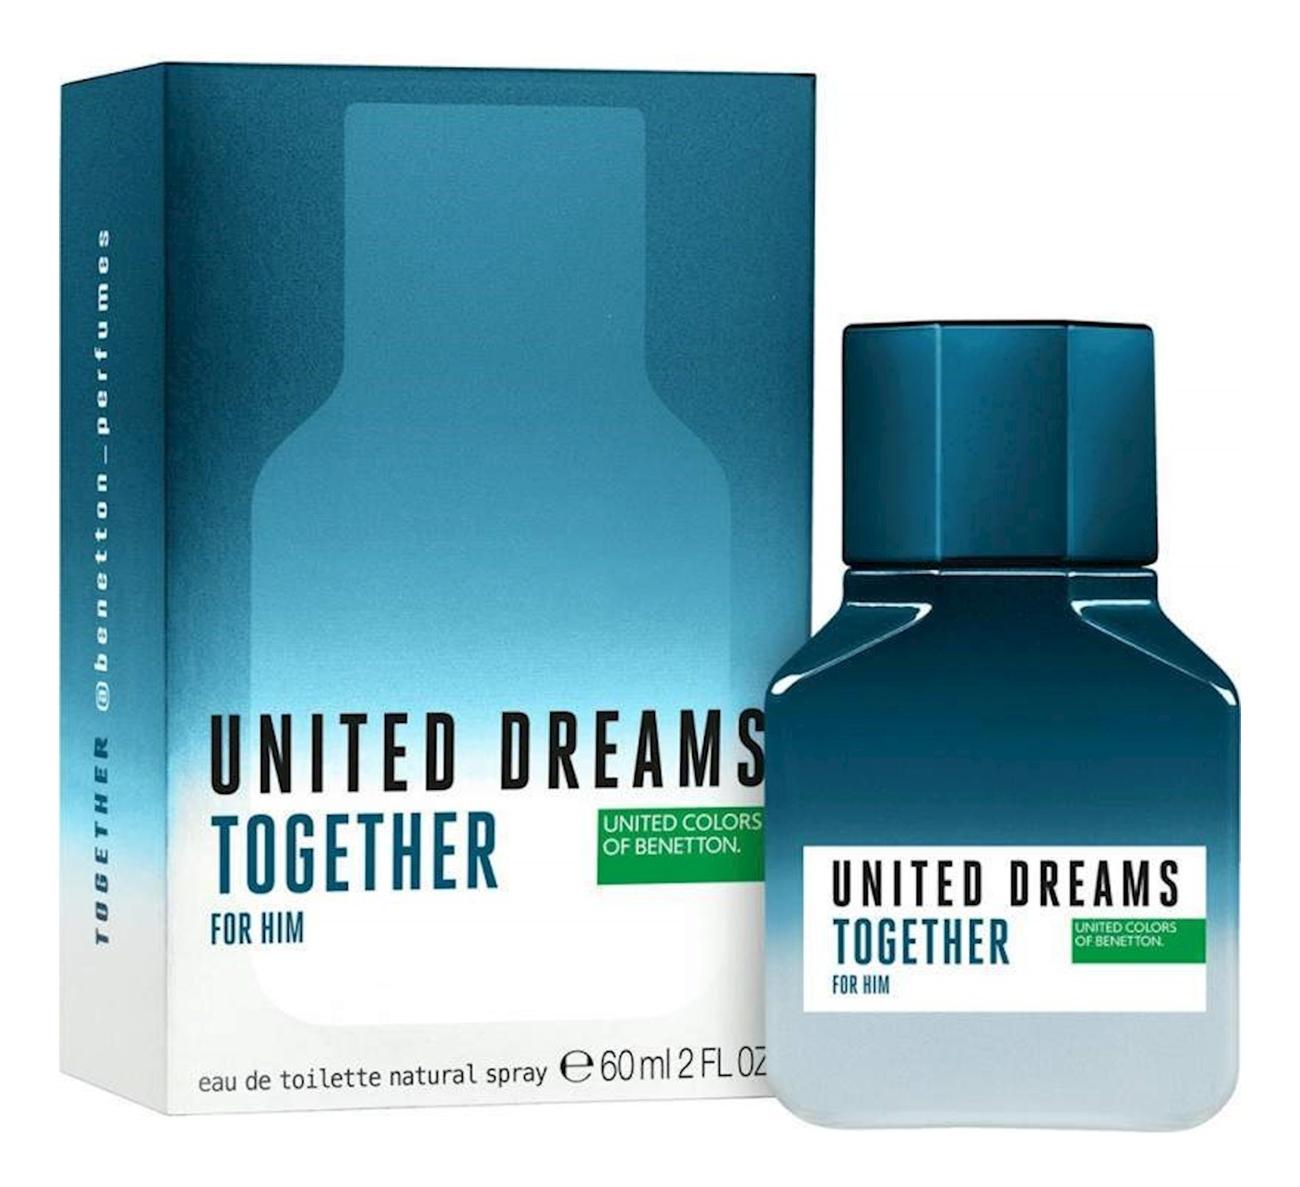 Купить United Dreams Together For Him: туалетная вода 60мл, Benetton